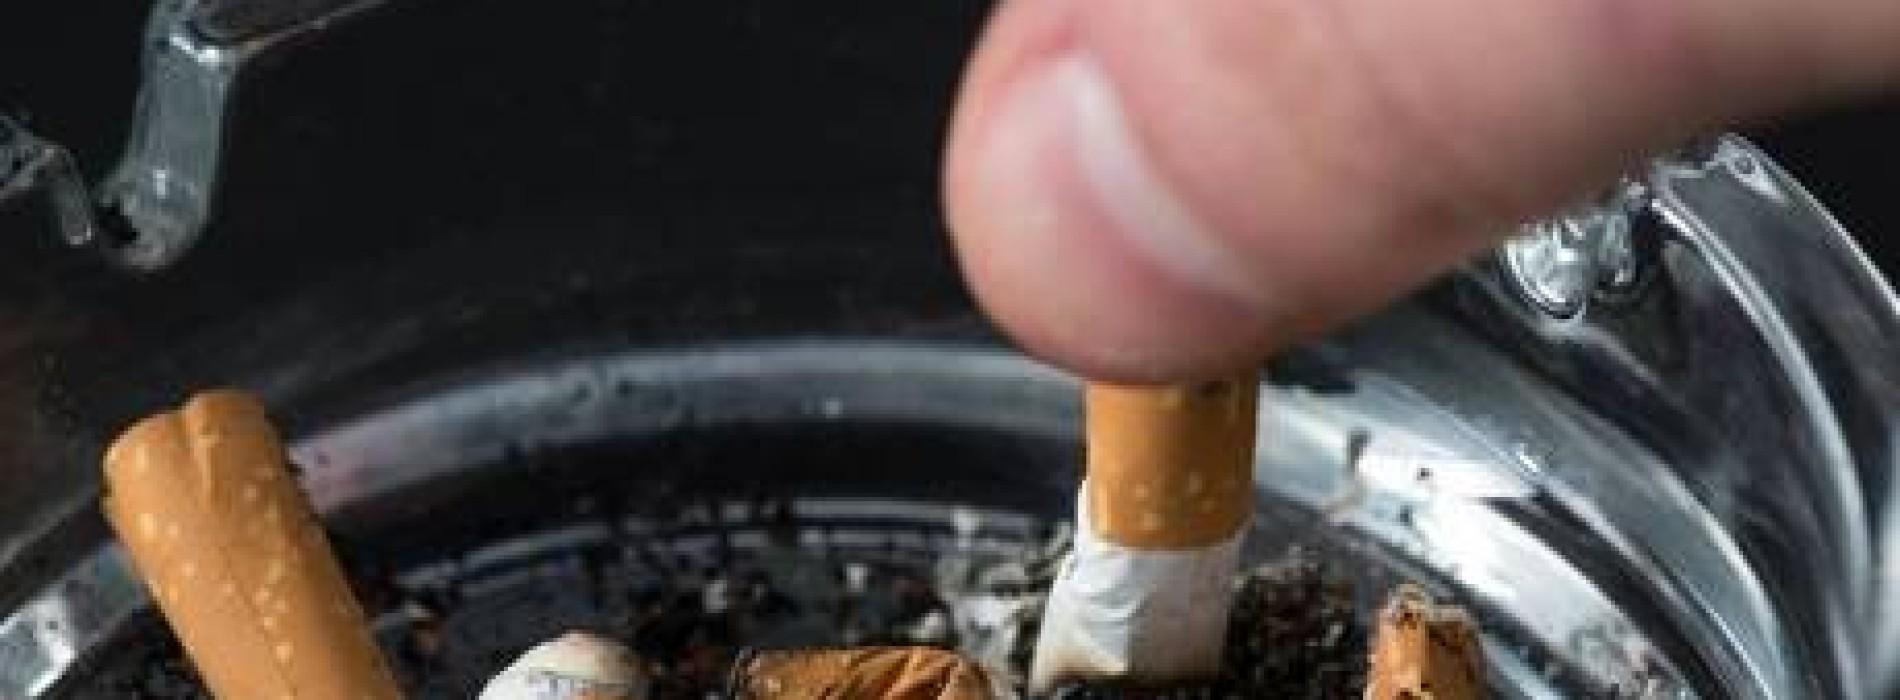 Ajuda para parar de fumar